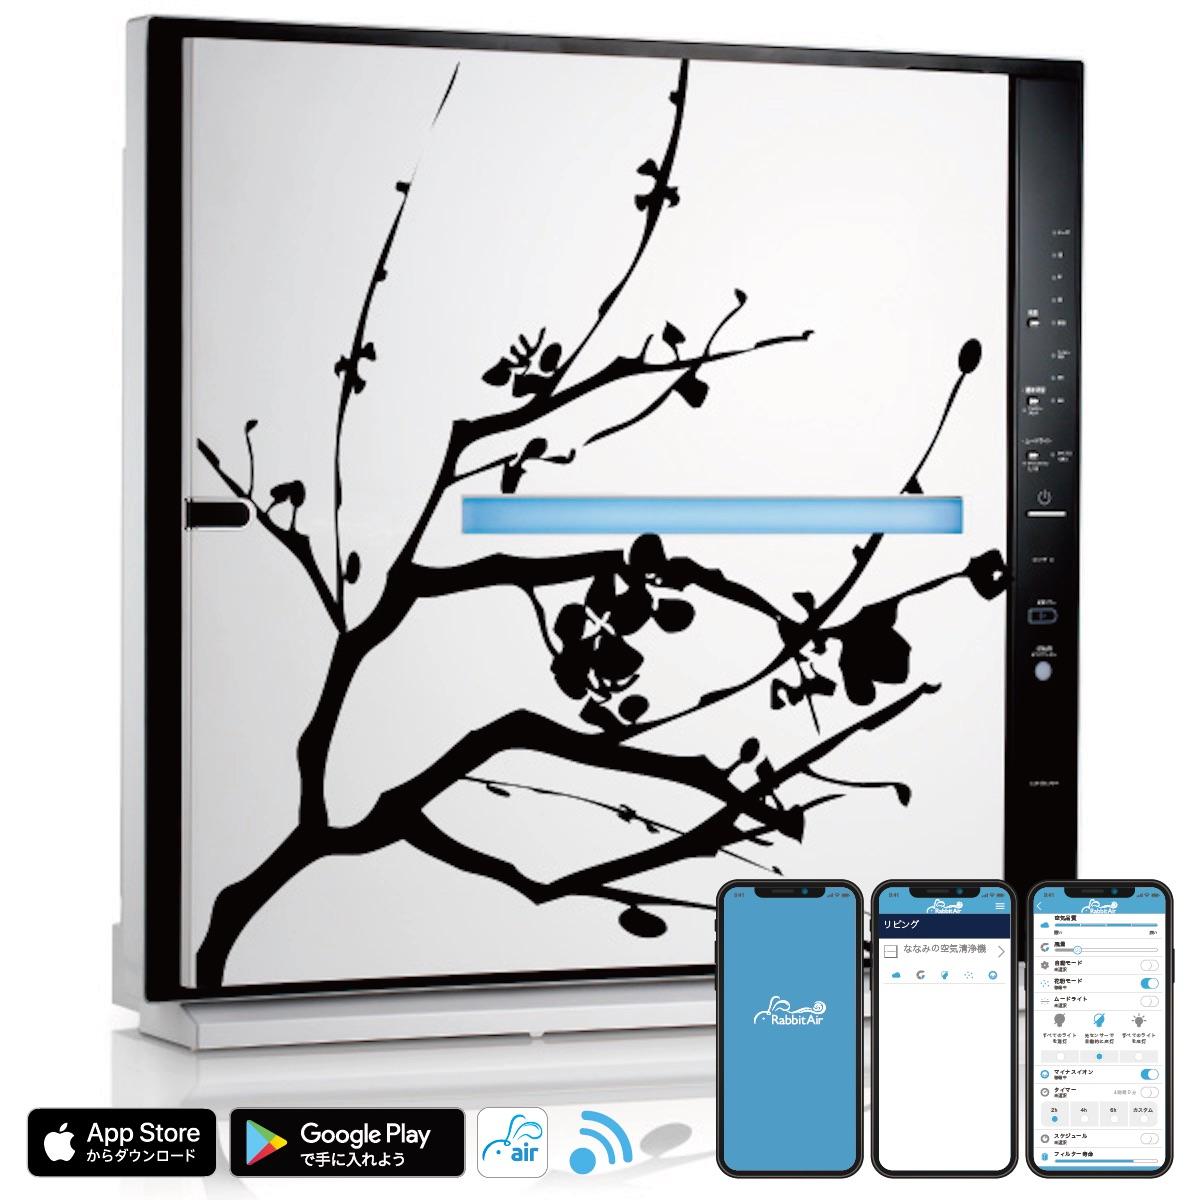 空気清浄機: Rabbit Air MinusA2 アーティストシリーズ (梅) Wi-Fiモデル